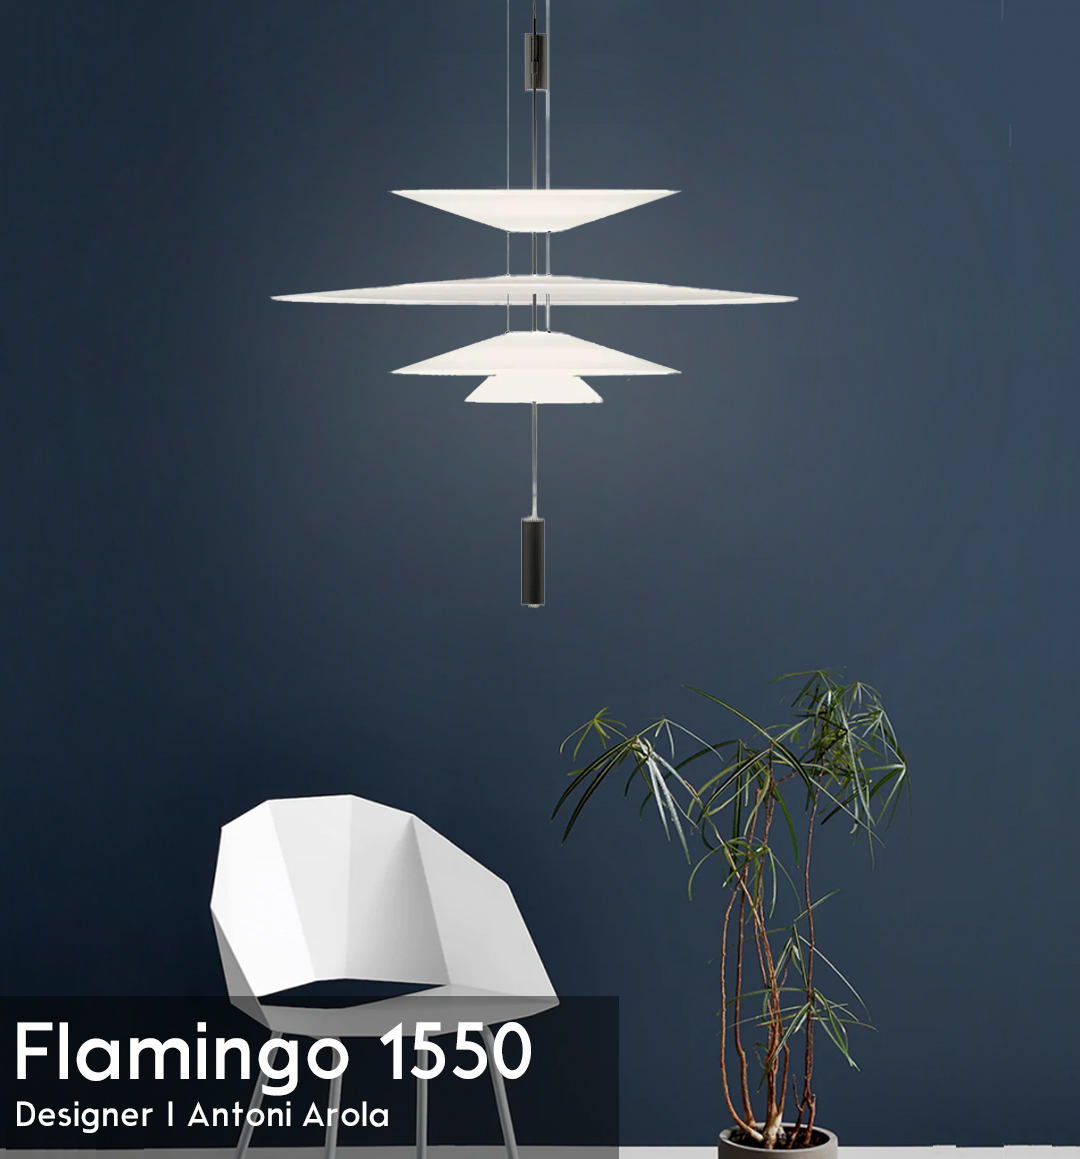 吊り下げ照明 ペンダントライト デザイナーズ照明 北欧 Flamingo 1550 Antoni Arola アントニ・アローラ おしゃれ ホワイト【FR-04】